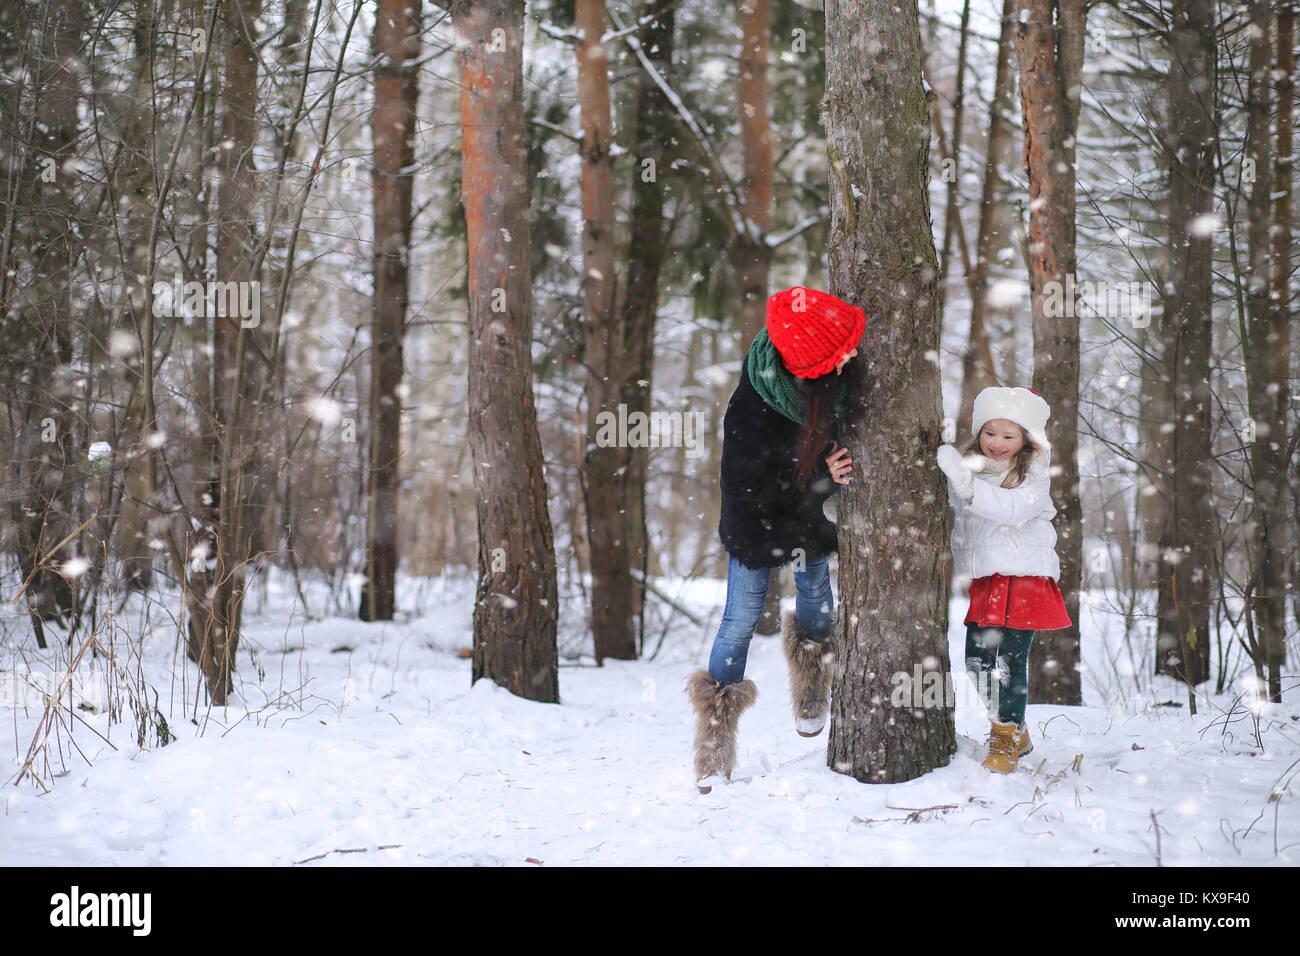 Una favola invernale, una giovane madre e figlia un giro in slitta Immagini Stock